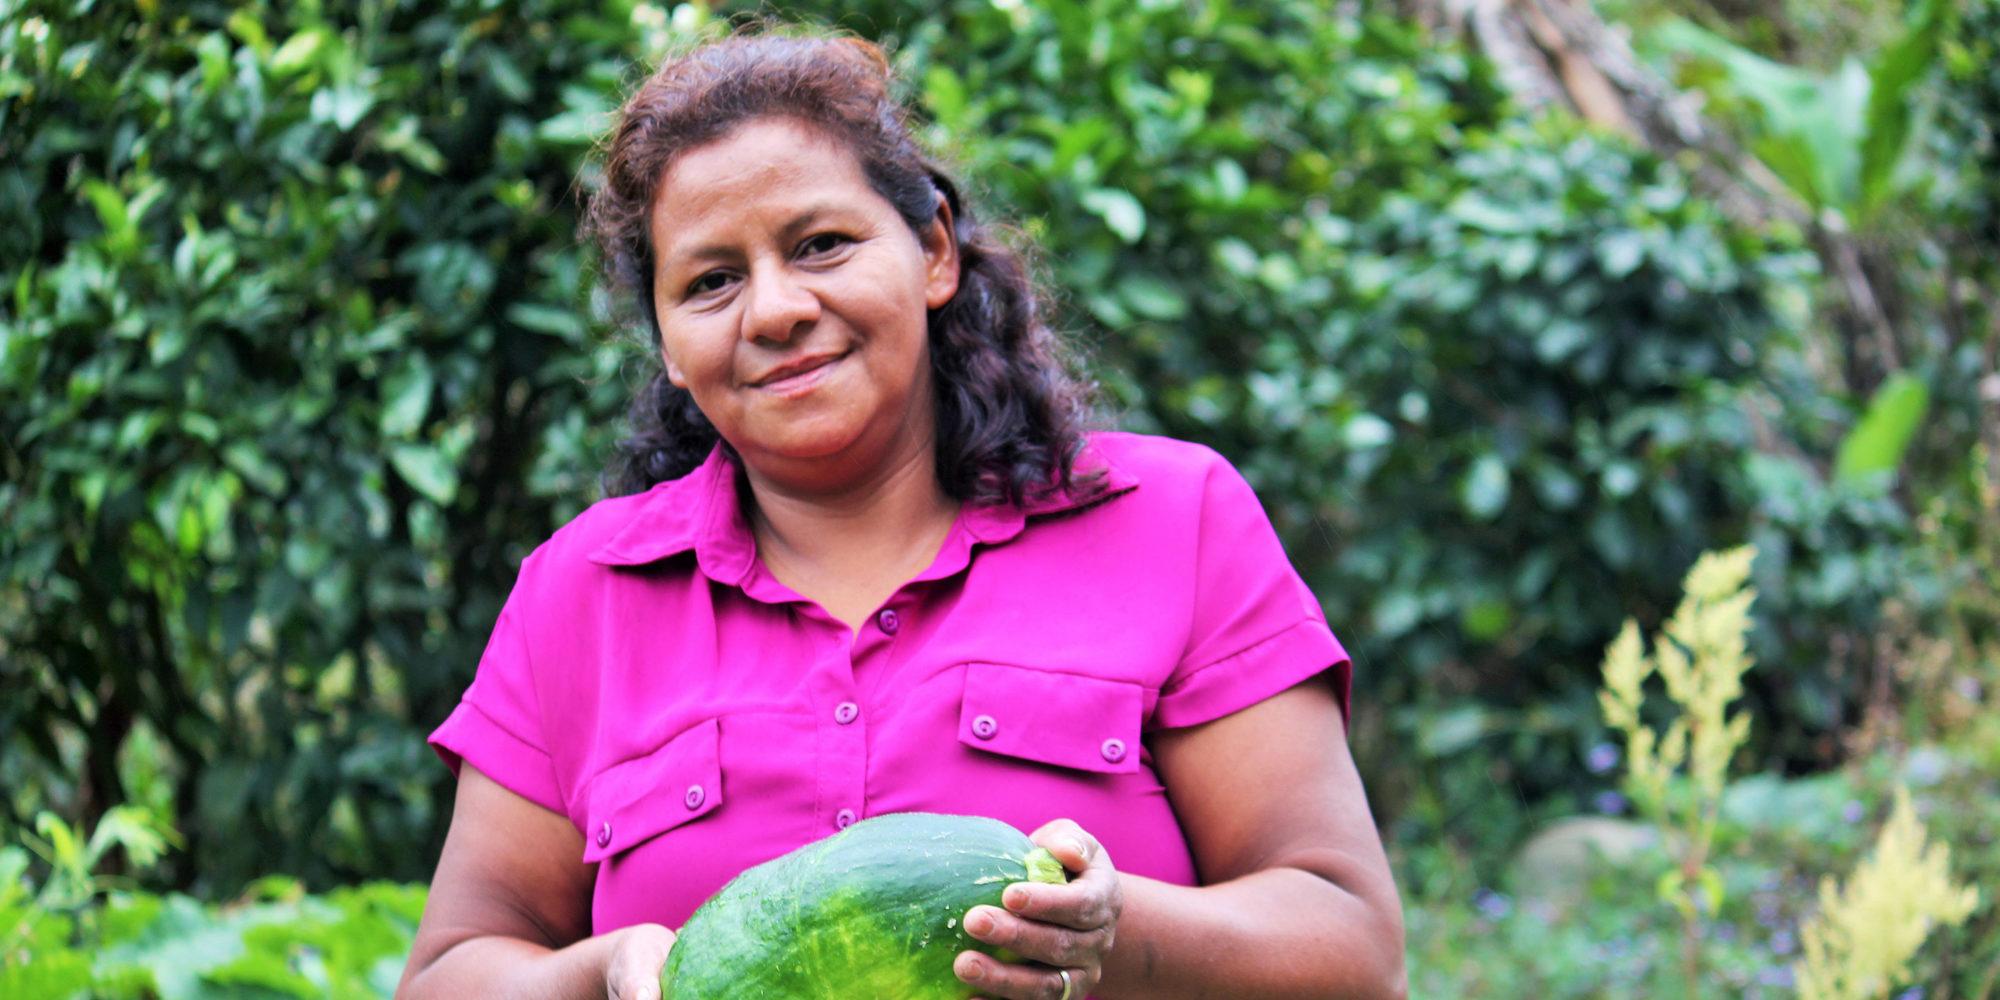 En kvinna iklädd cerise blus poserar med en pumpa i händerna framför en odling.